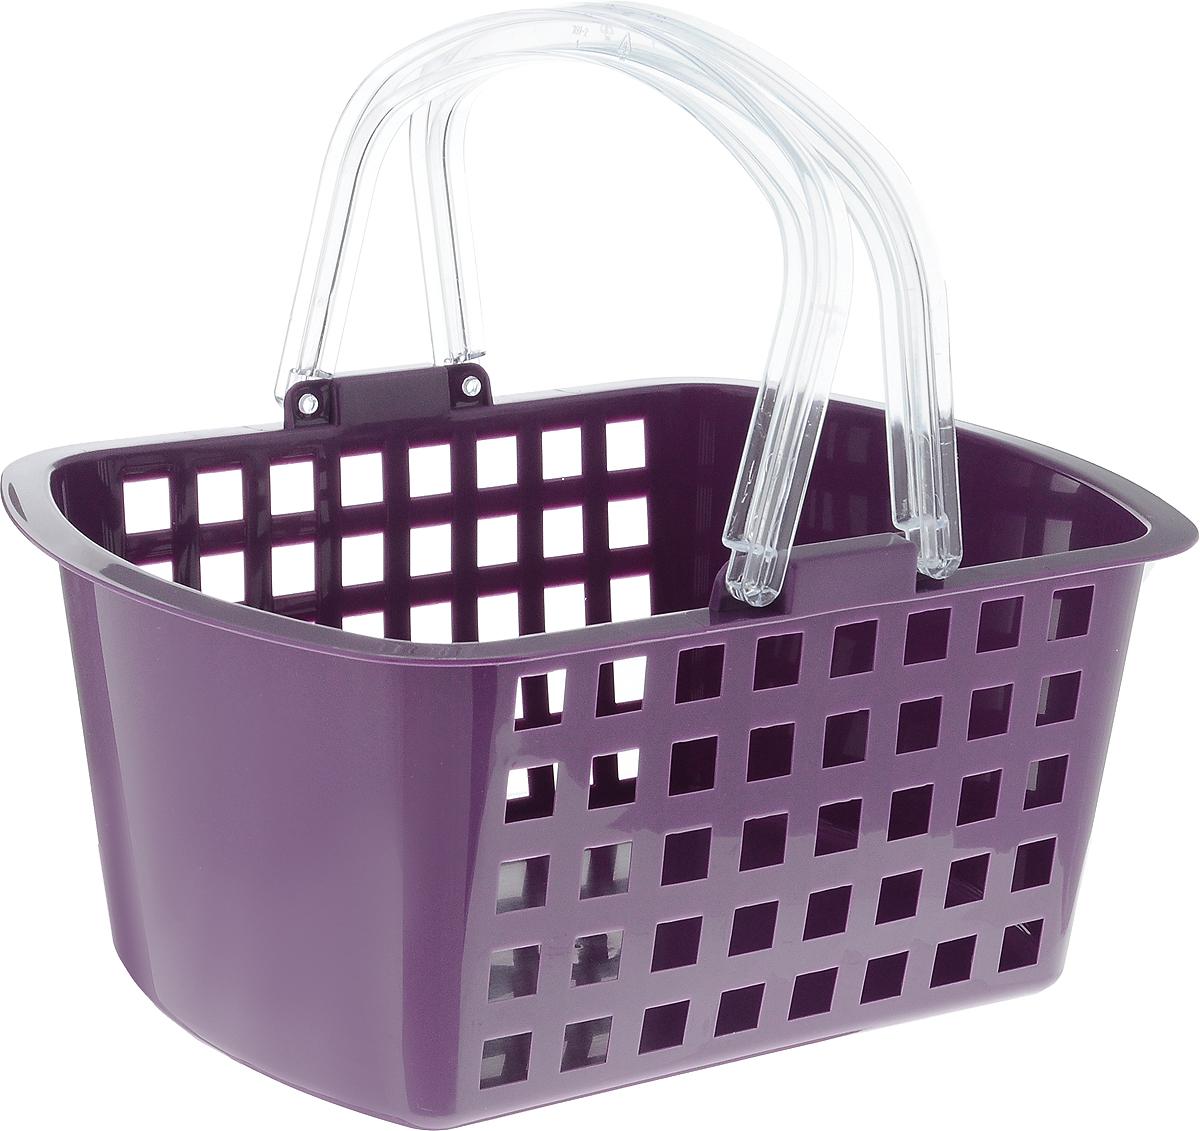 Корзинка универсальная Econova, цвет: фиолетовый, прозрачный, 31 х 24 х 15 смES-412Универсальная корзина Econova, изготовленная из высококачественного прочного пластика, предназначена для хранения мелочей в ванной, на кухне, даче или гараже. Изделие оснащено двумя удобными складными ручками. Дно сплошное, а стенки имеют перфорацию. Это легкая корзина с жесткой кромкой позволит хранить мелкие вещи, исключая возможность их потери.